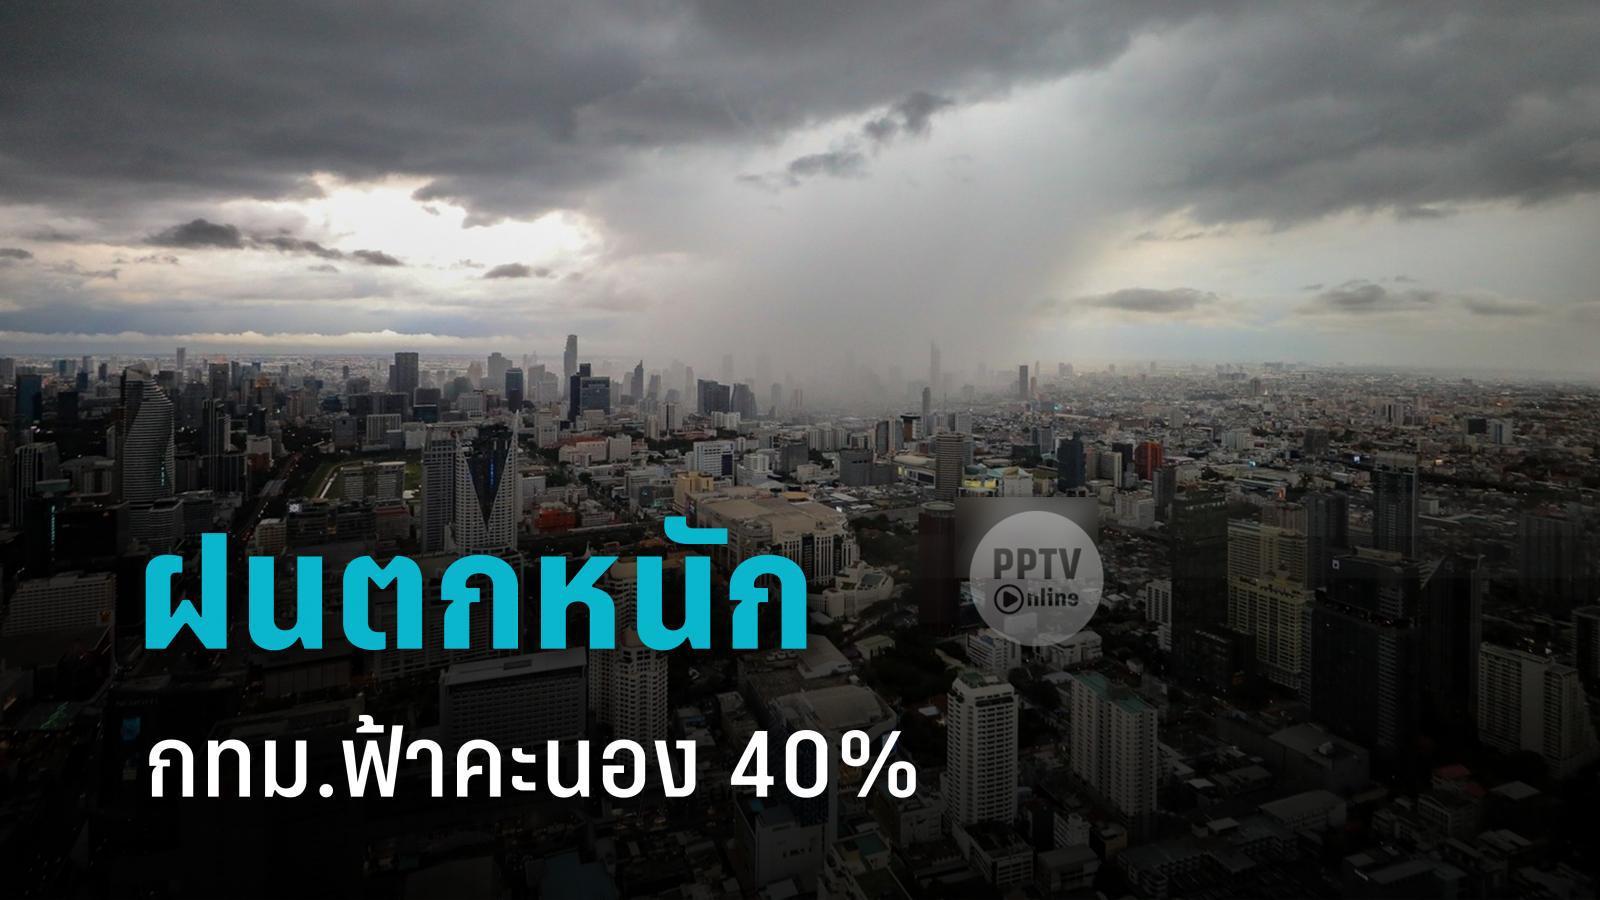 กรมอุตุฯ เตือน ไทยรับมือฝนตก ใต้หนักสุด - กทม.ฟ้าคะนอง 40%